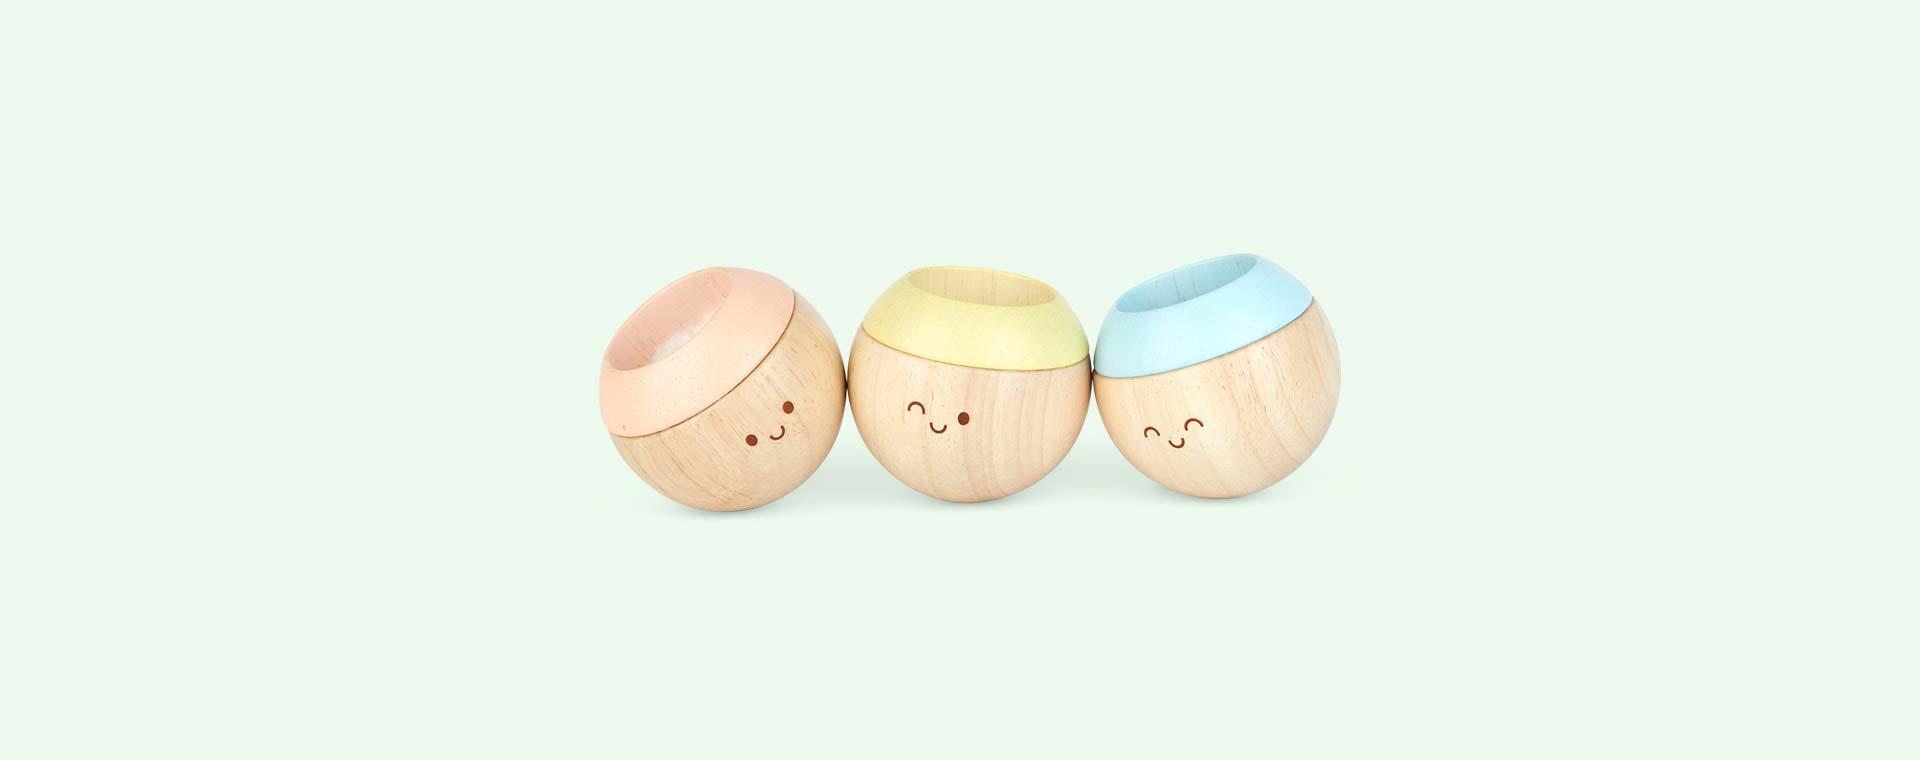 Pastels Plan Toys Sensory Tumbling